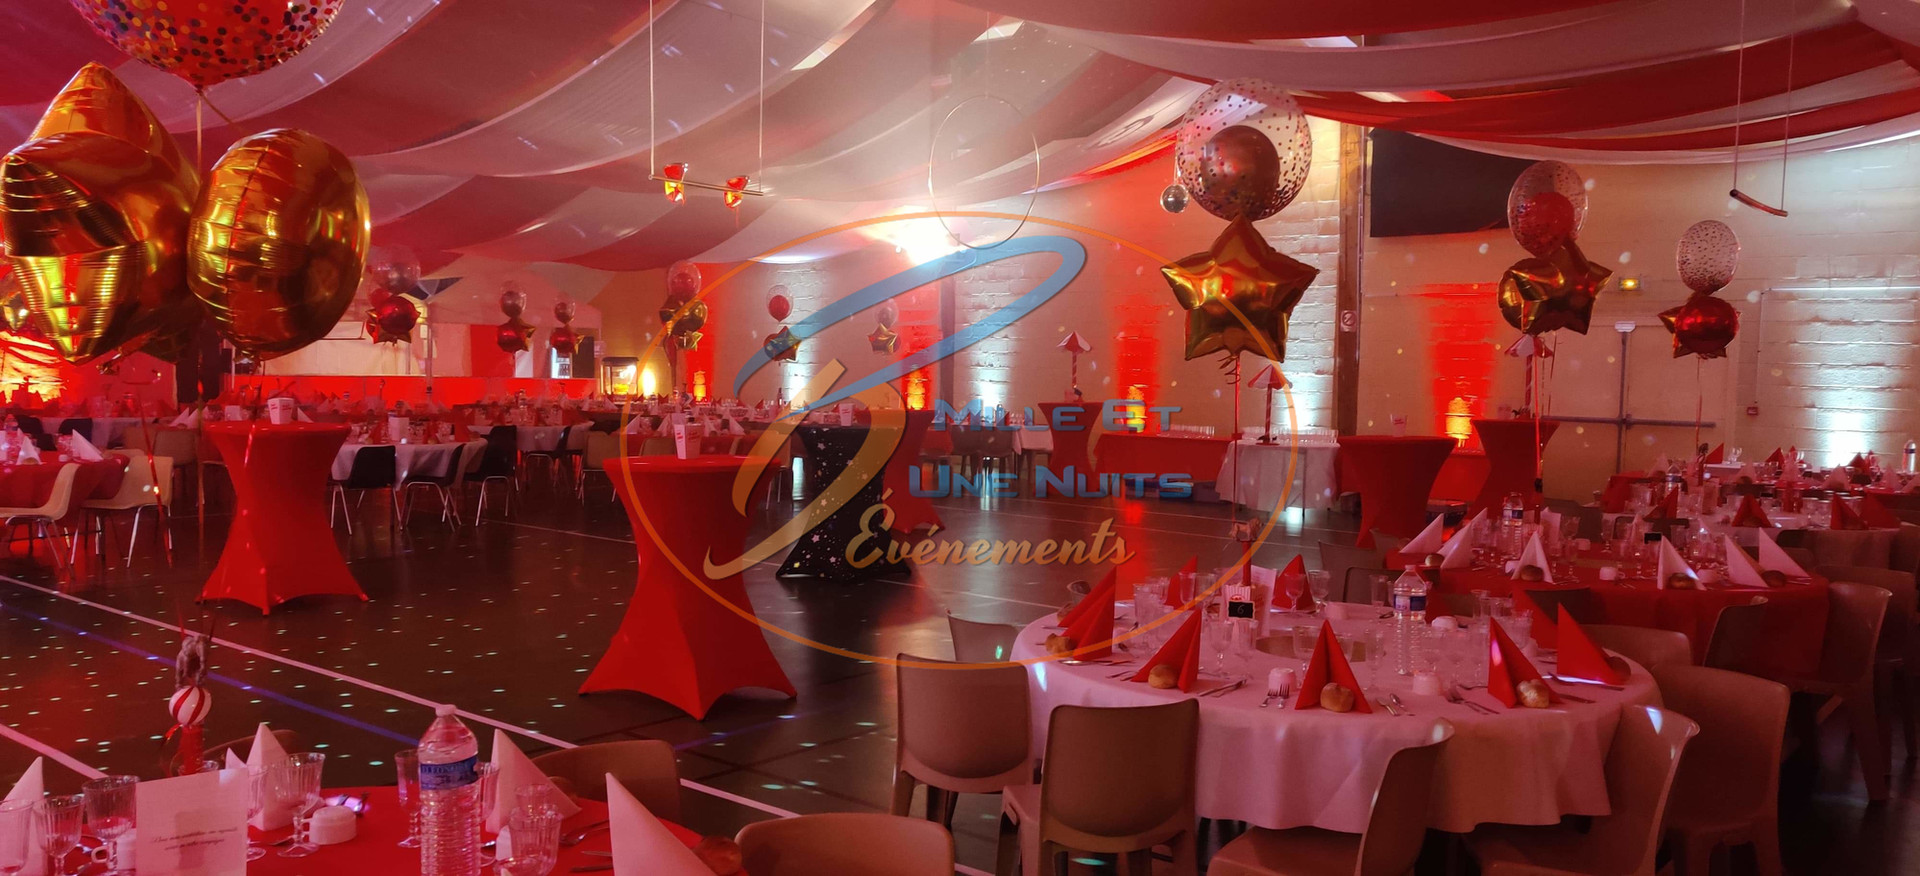 Décoration Ballon thème Cirque:en Bretagne (ille et vilaine, Fougères, Rennes, Vitré), Normandie, Pays de la loire